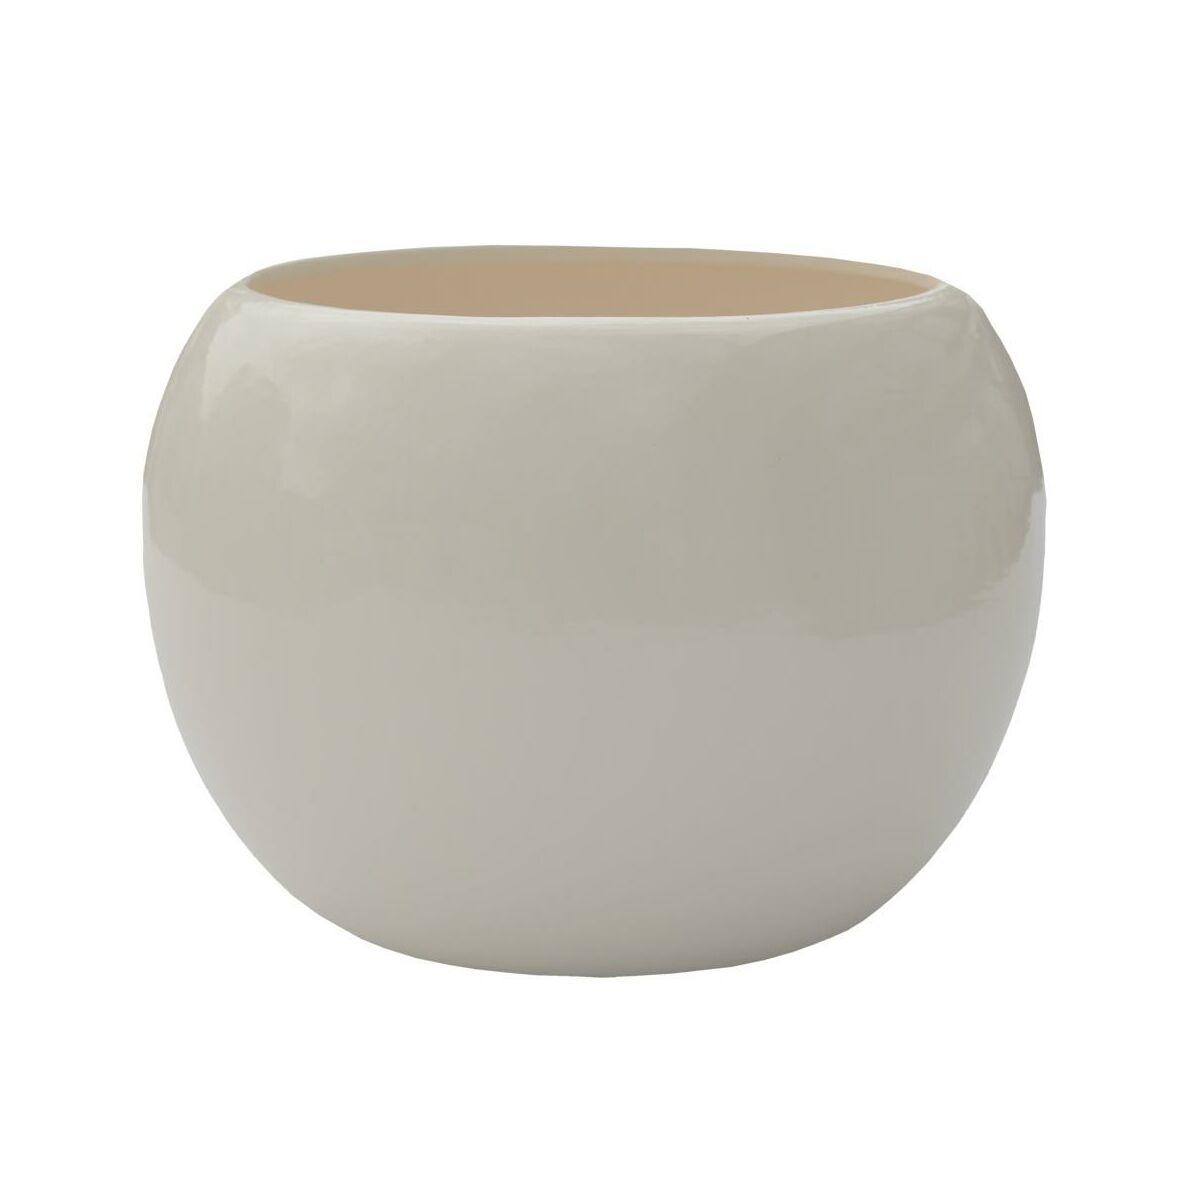 Doniczka Ceramiczna 11 Cm Ecru Kula 2 J1000 Eko Ceramika